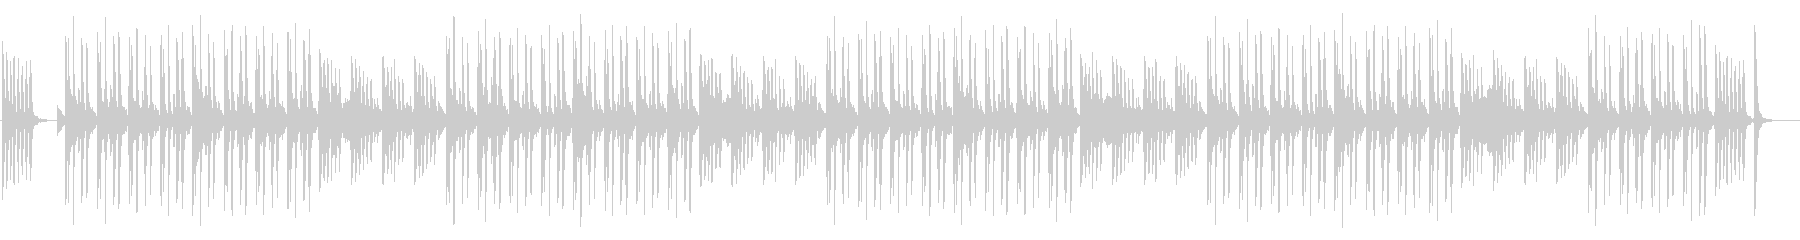 アフリカンマリンバの可愛らしい曲の未再生の波形